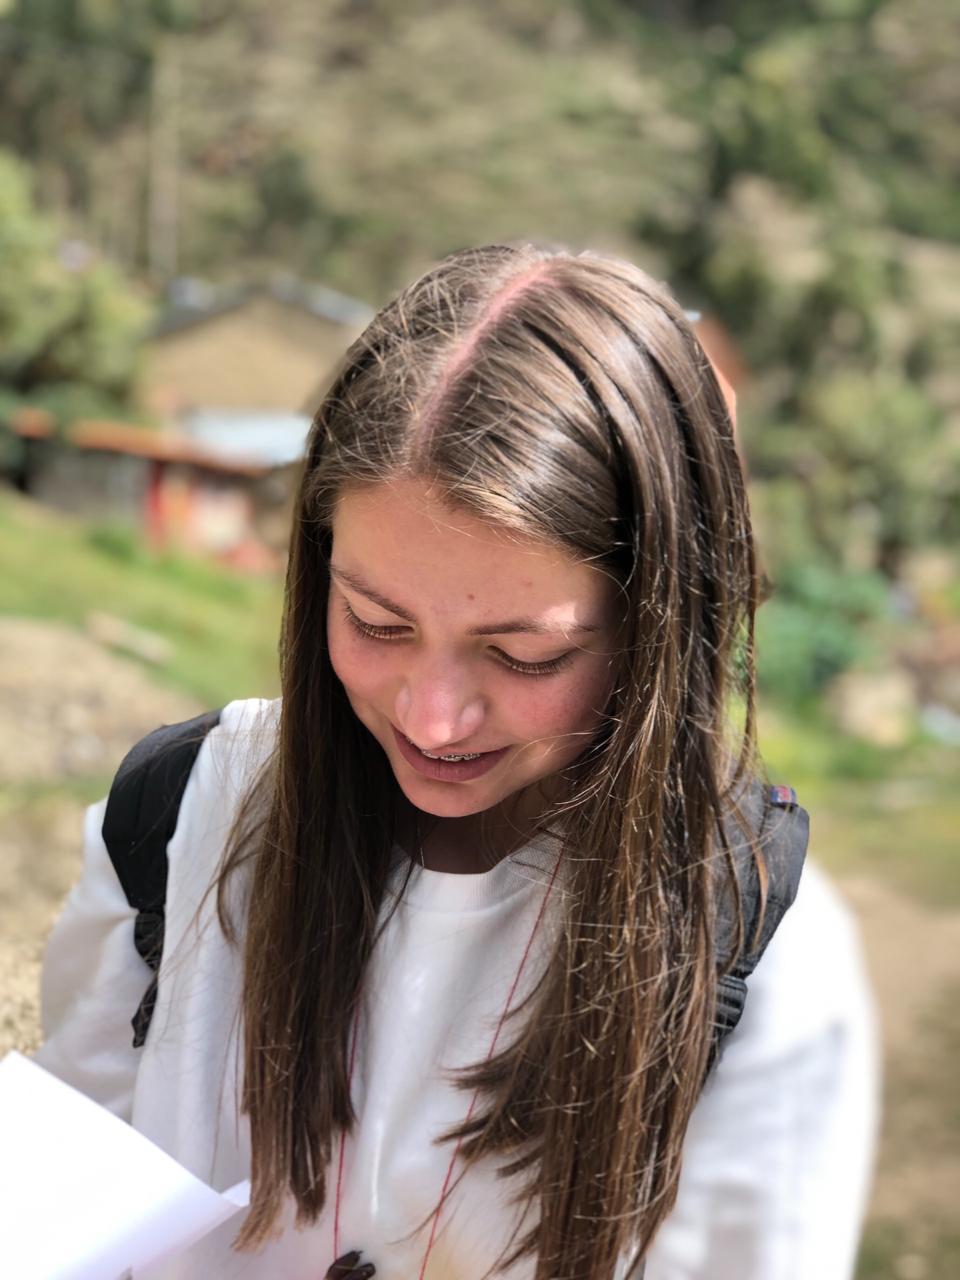 Nuestra diseñadora. Desde el logo en 2017 hasta nuestra carta más reciente, Laura tiene 18 años y esta estudiando diseño.